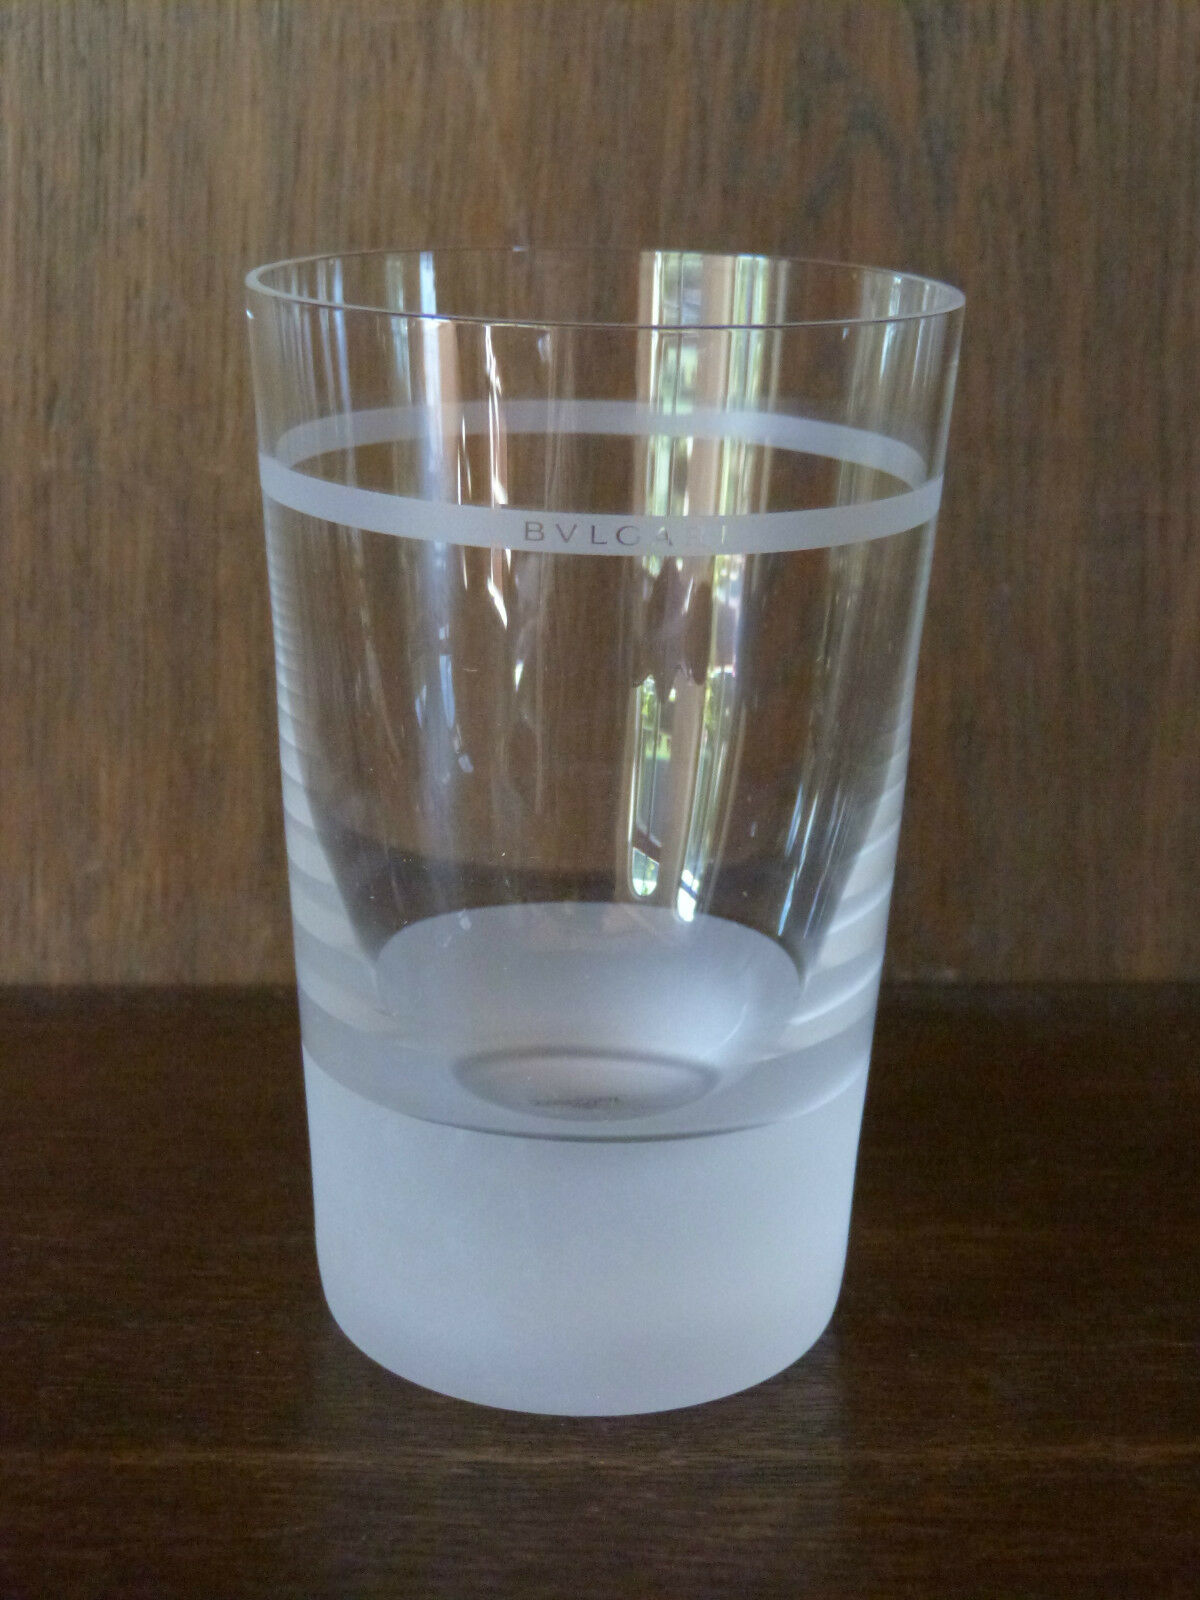 6 Universel gobelet d'eau gobelet grand  Tondo  BULGARI BVLGARI de ROSENTHAL